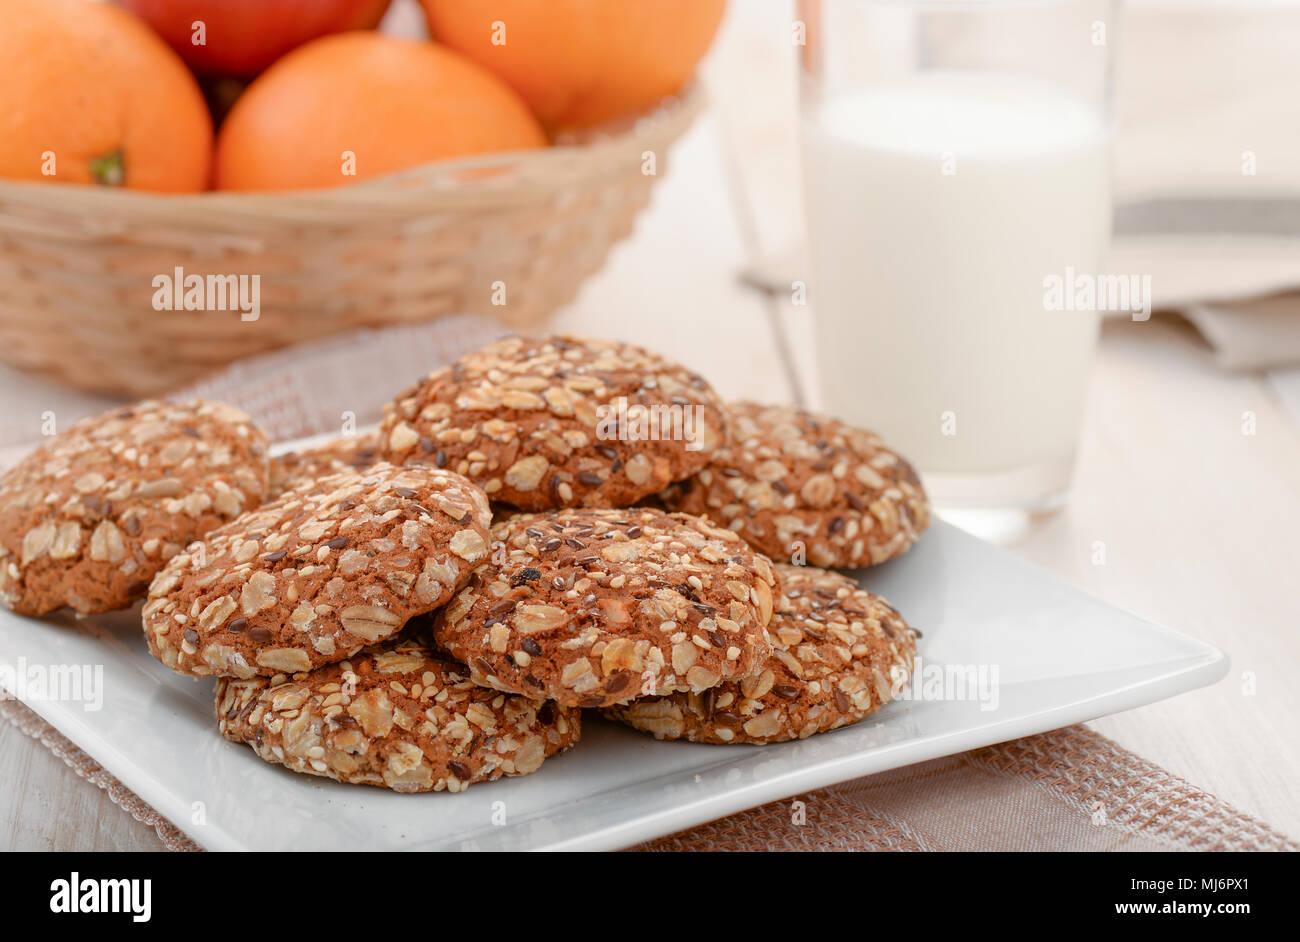 La vie toujours avec aliments complets, fruits et lait cookies Photo Stock